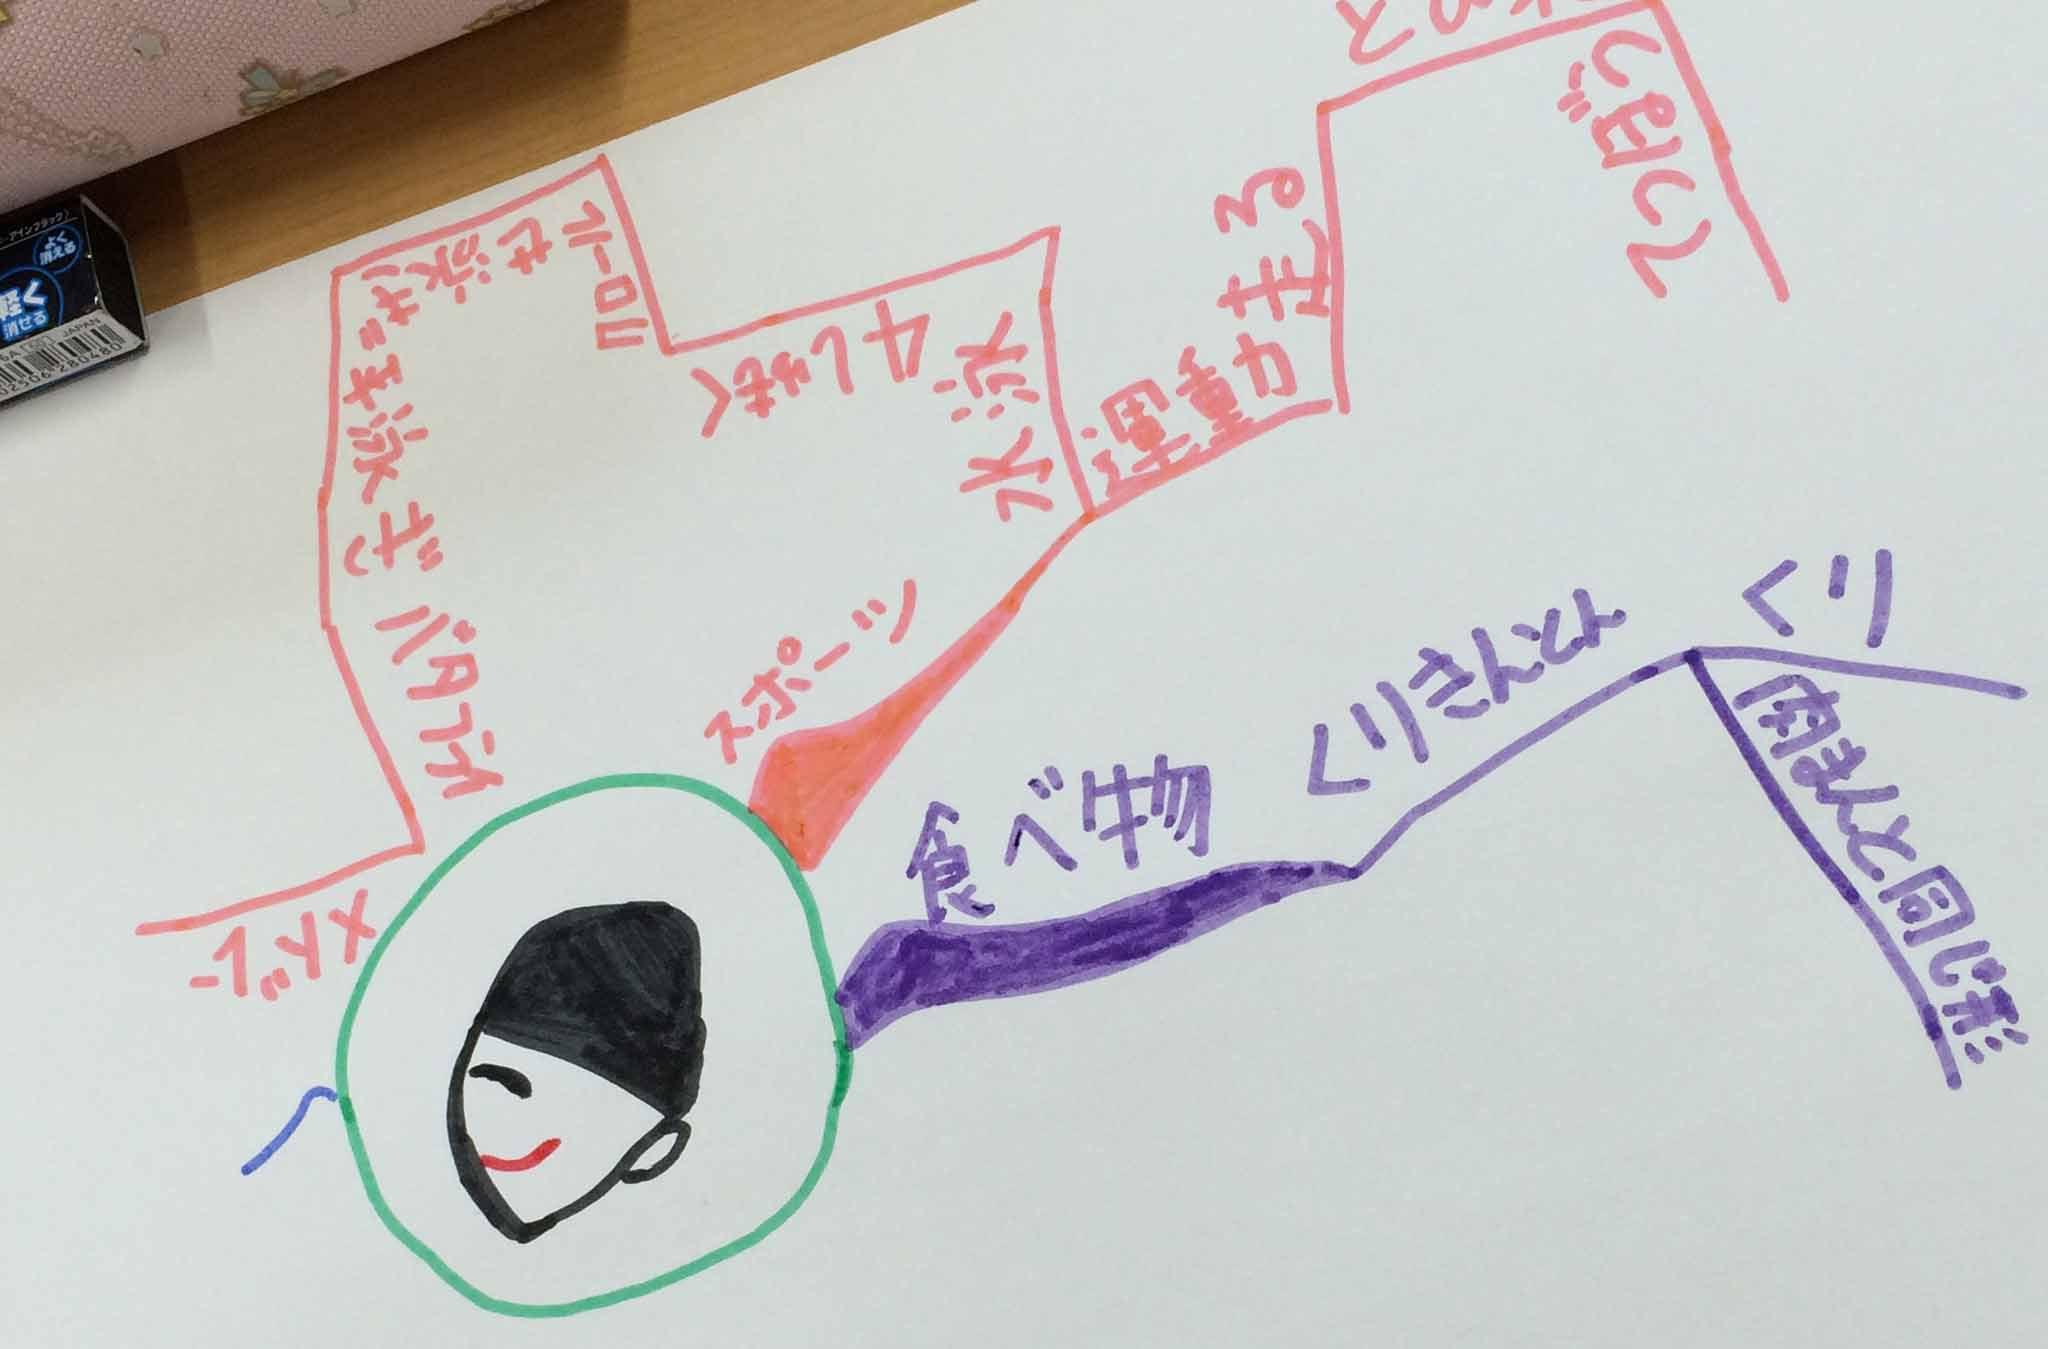 『とよた まちさと ミライ塾~初級マインドマップ講座』~一回目終了!